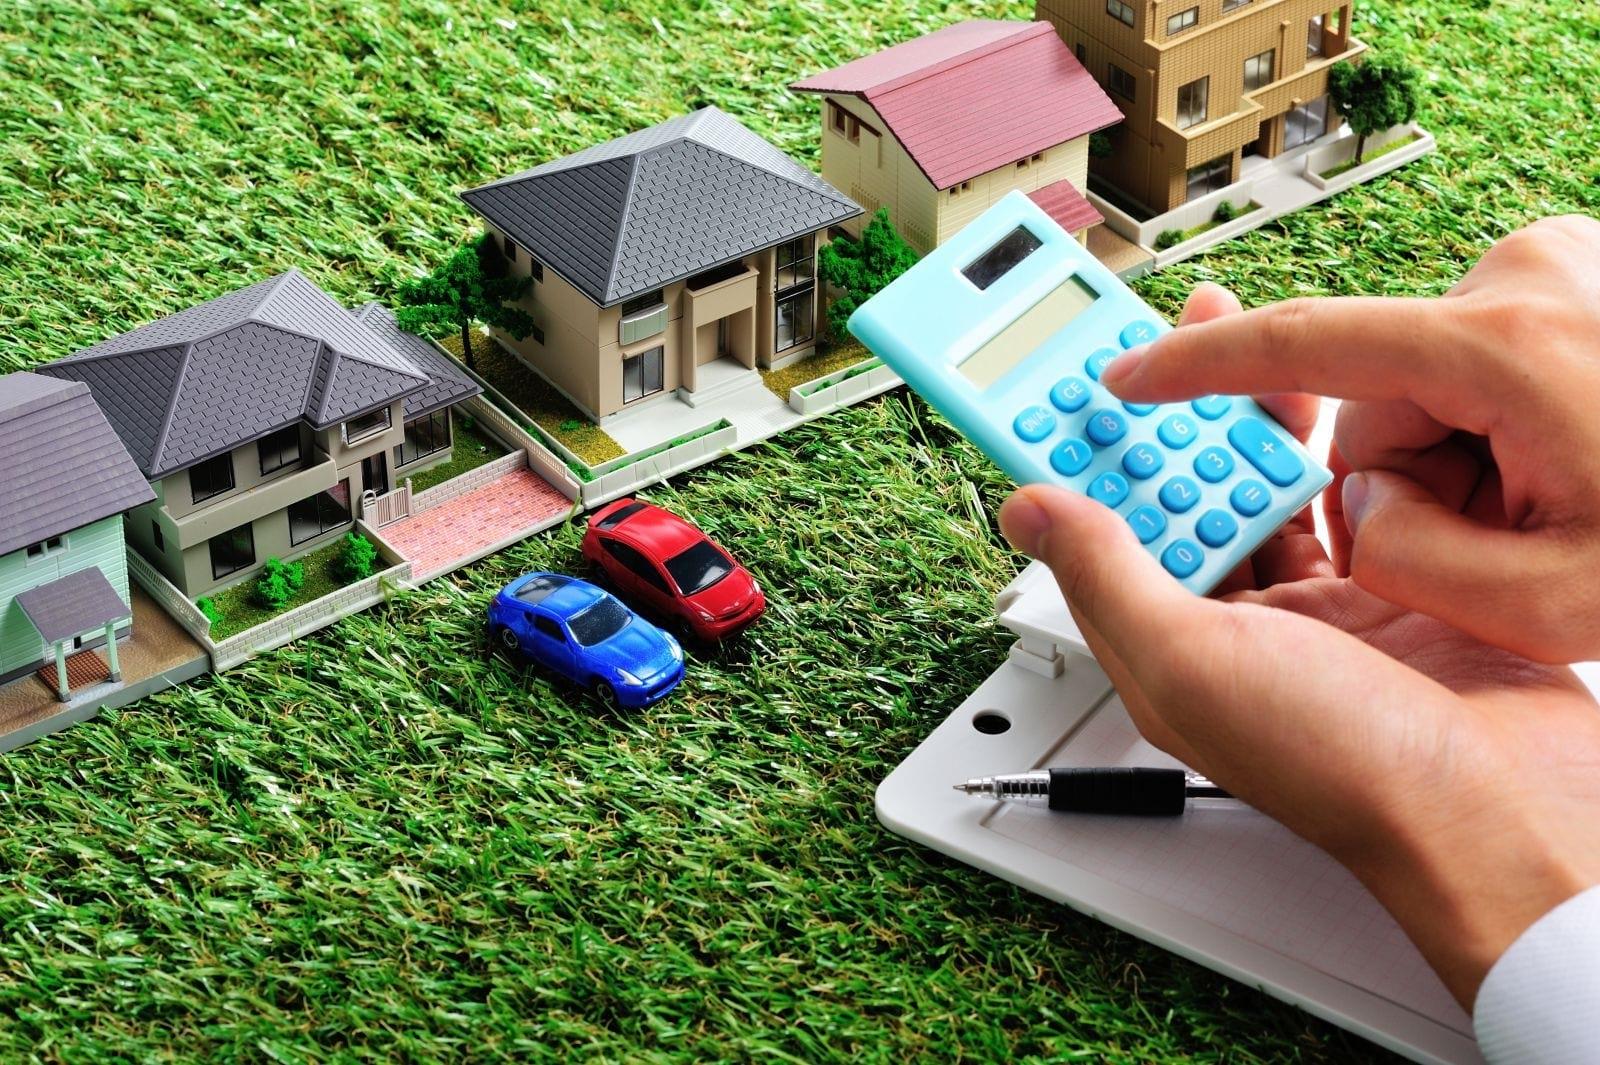 Изображение - Как узнать налог на землю по кадастровому номеру wsi-imageoptim-1530705298_kadastr1